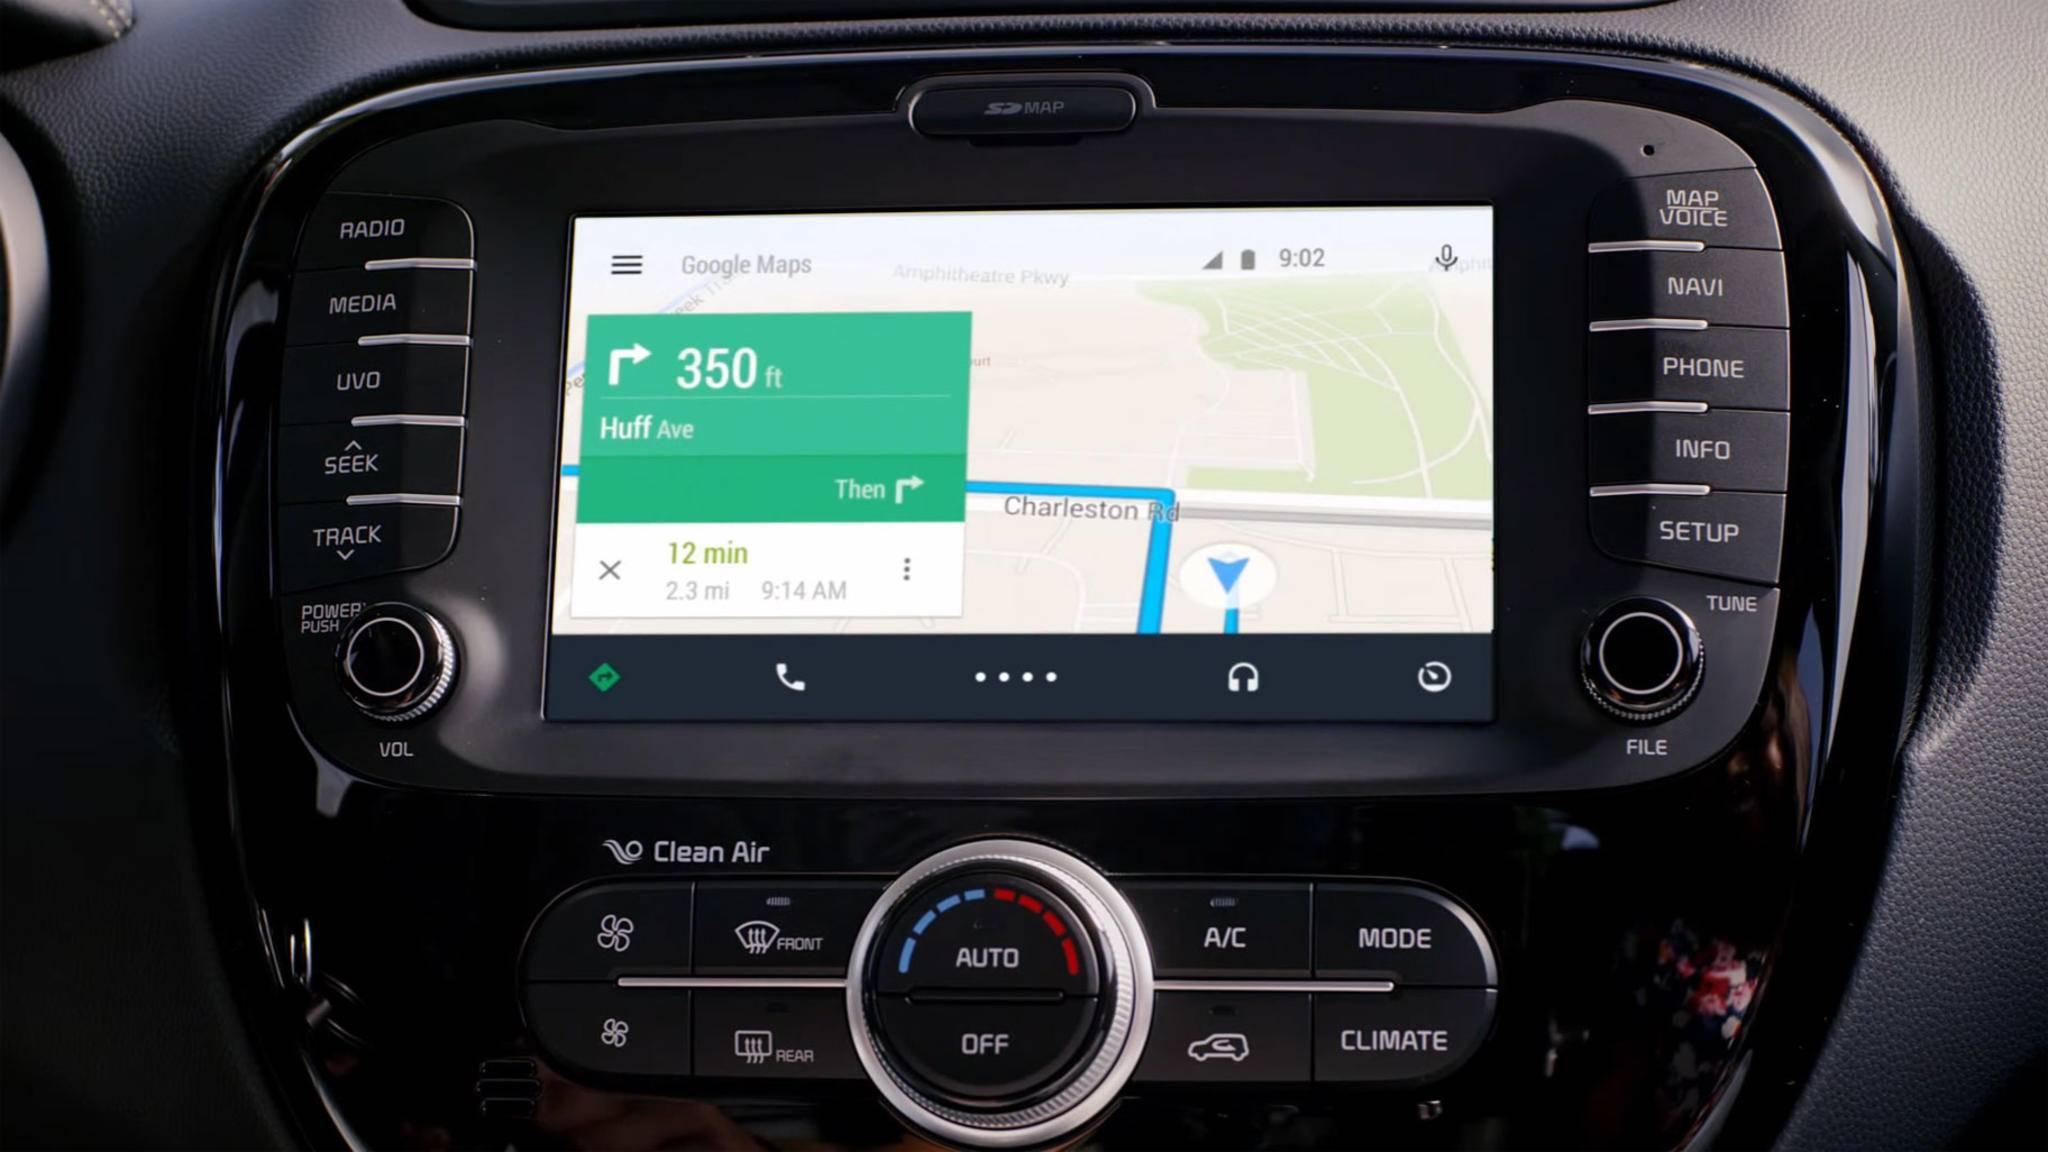 Mit Android Auto kannst Du Google Maps bequem in Deinem Fahrzeug nutzen.